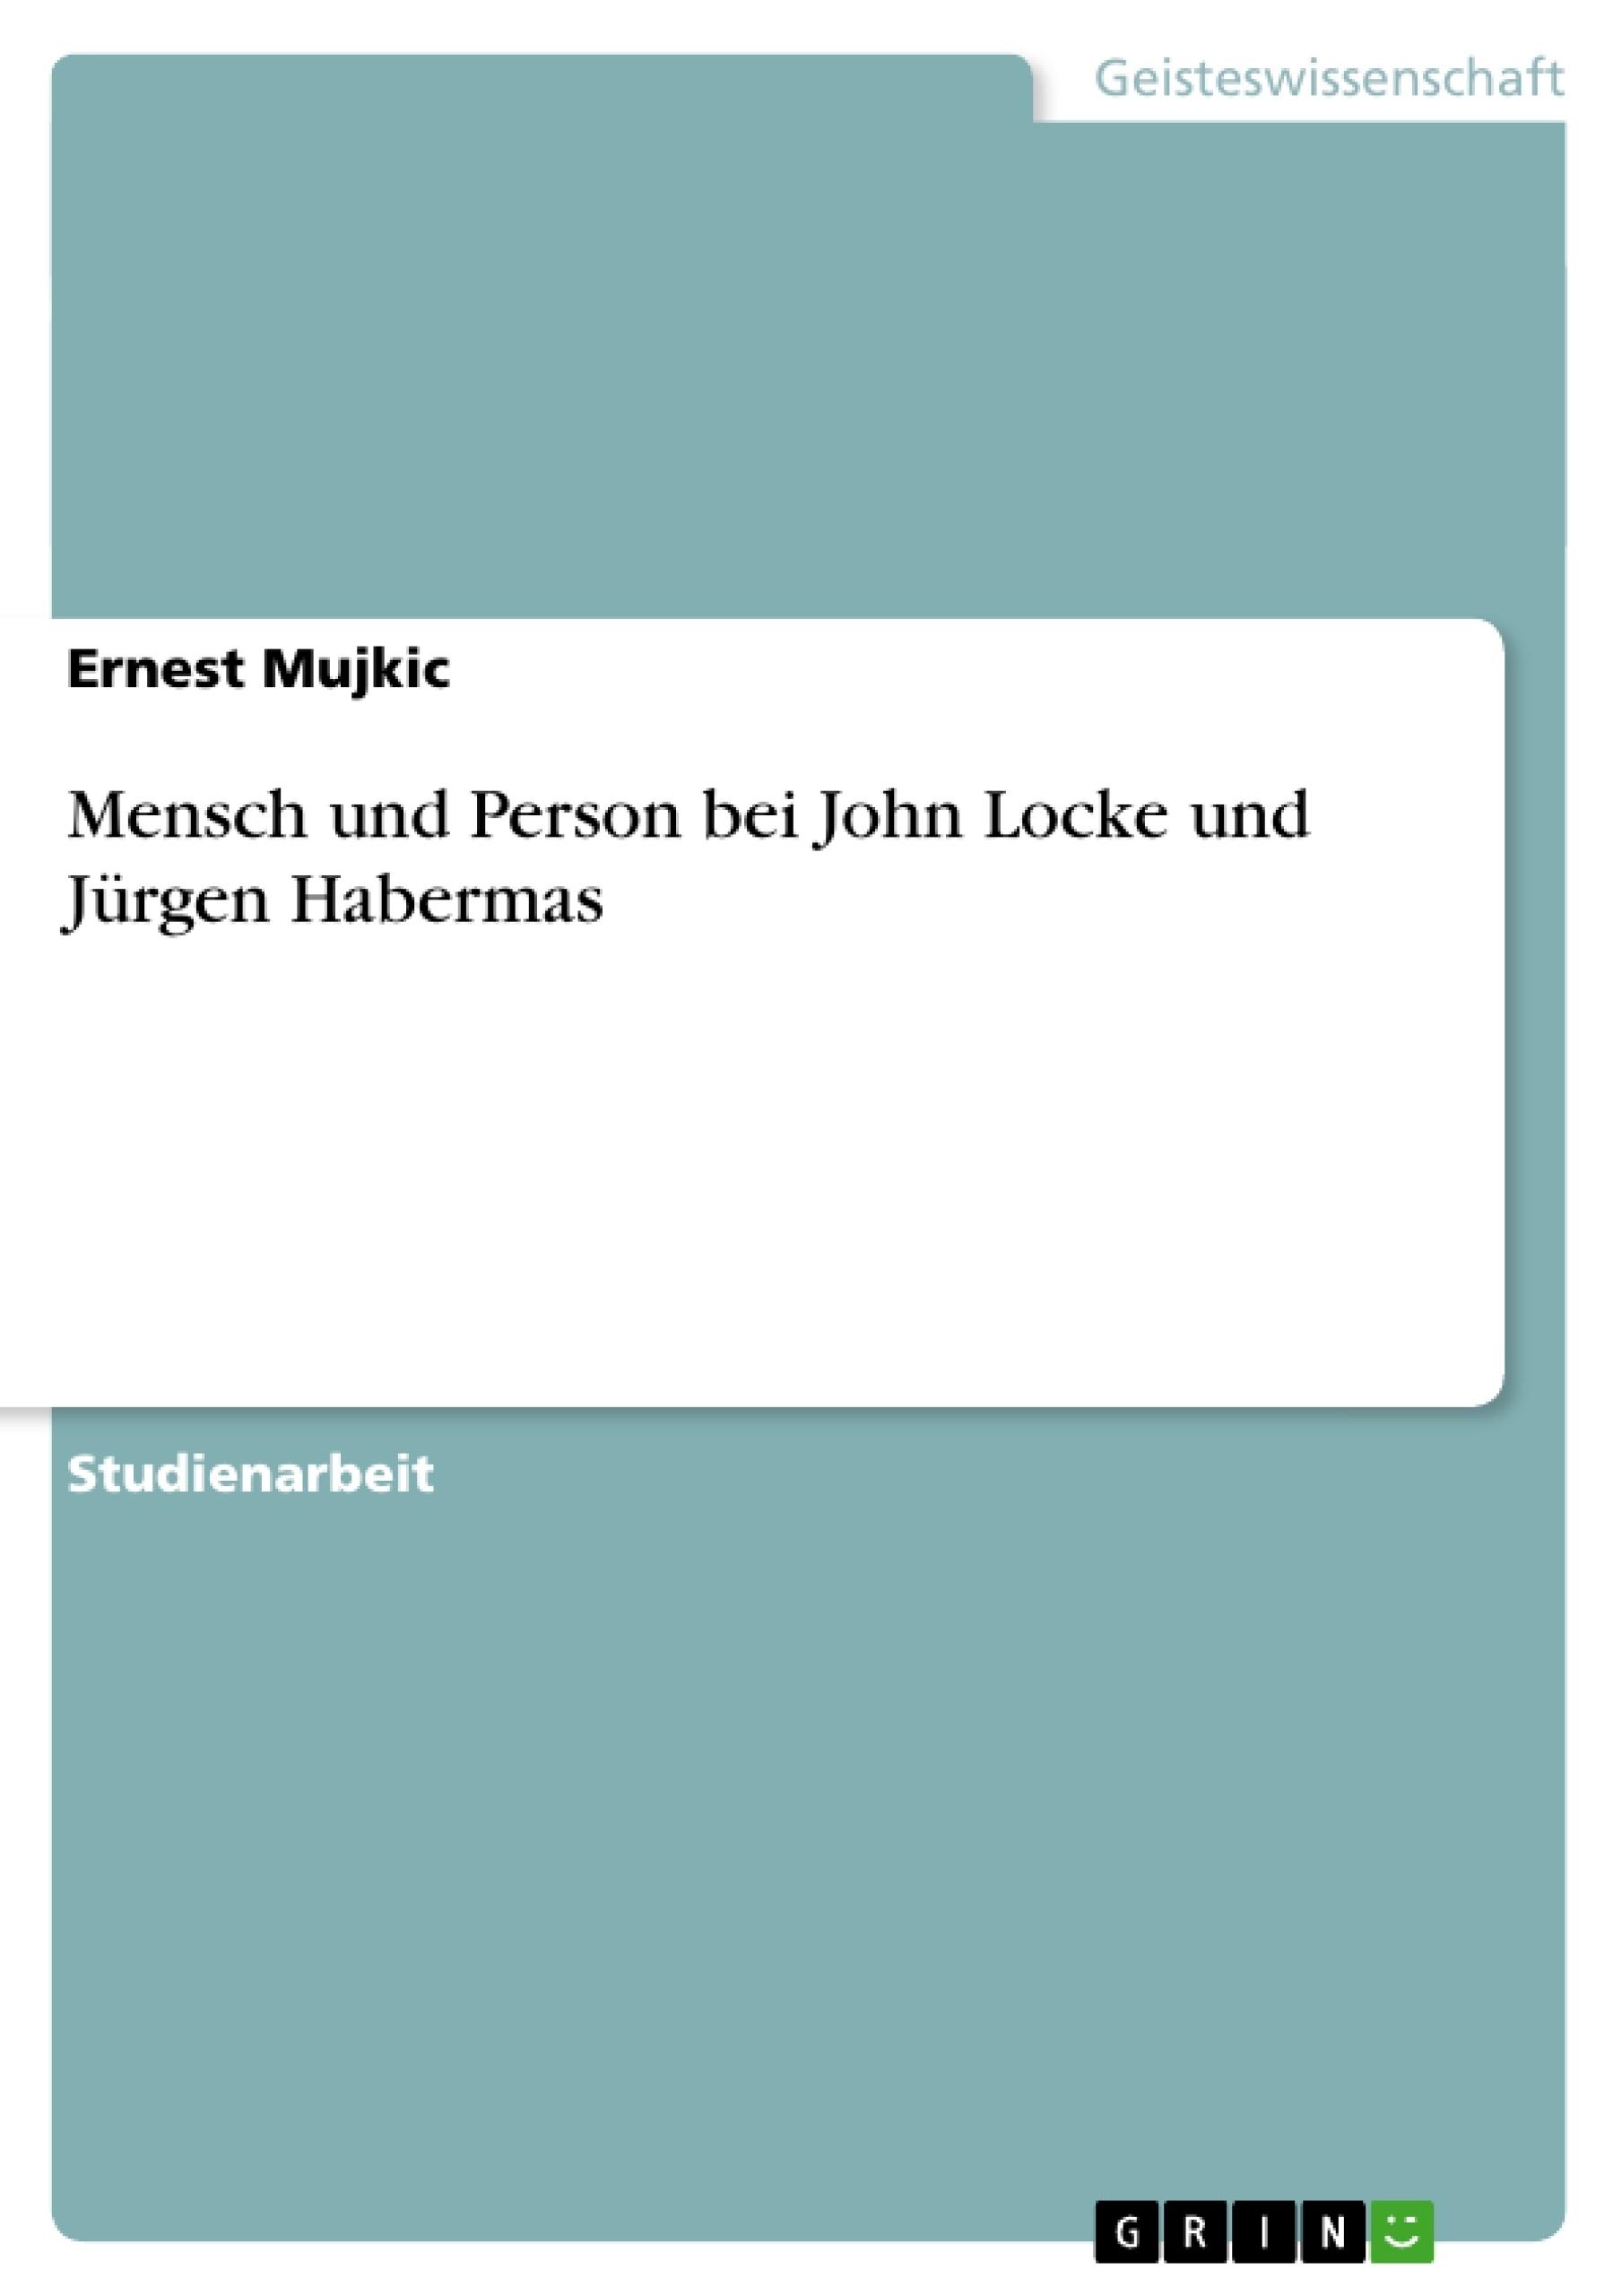 Titel: Mensch und Person bei John Locke und Jürgen Habermas